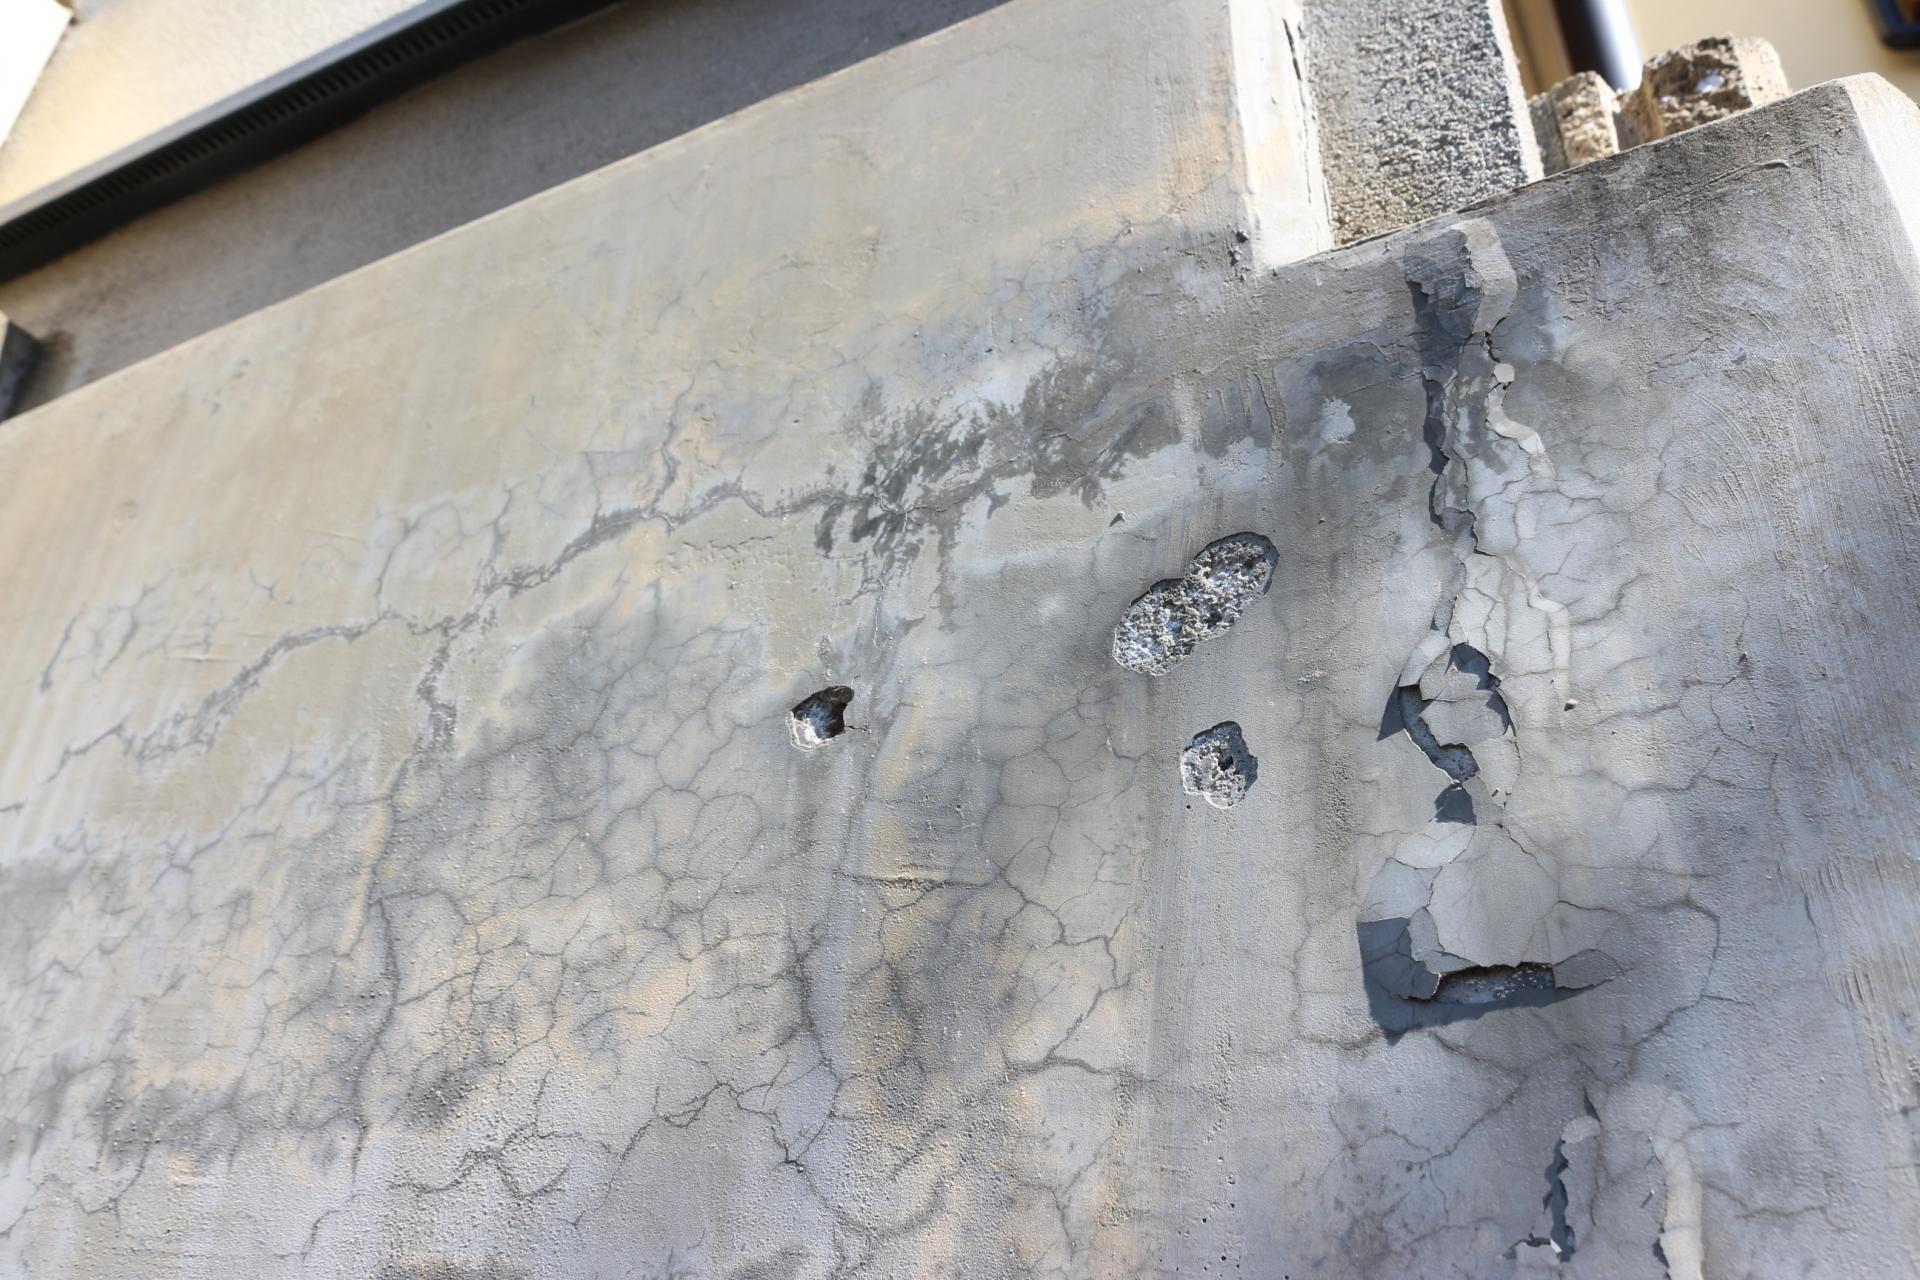 老朽化した擁壁の画像~早急なメンテナンスが必要な場合